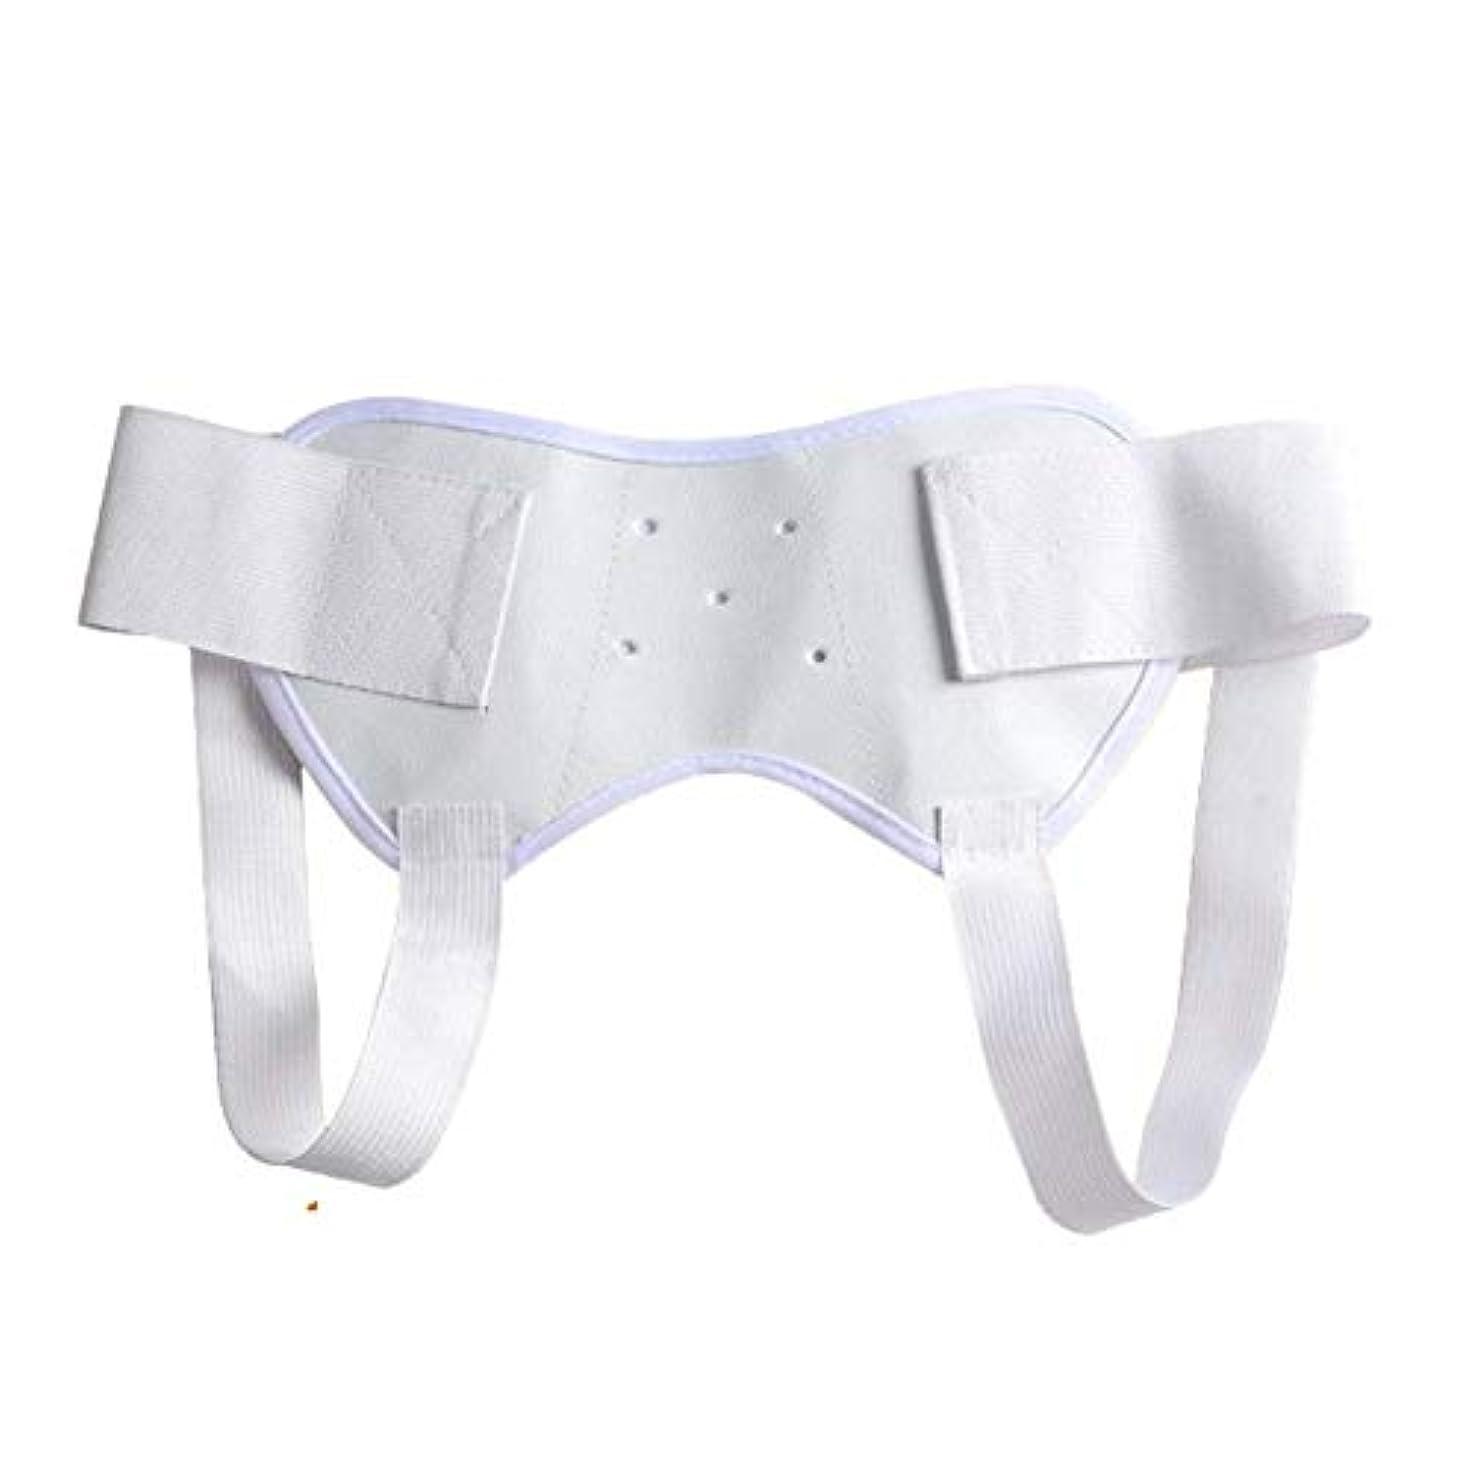 パン屋こどもの日スカート調節可能な股関節ベルト、へそ、vel径ヘルニアベルトの小腸ガス治療